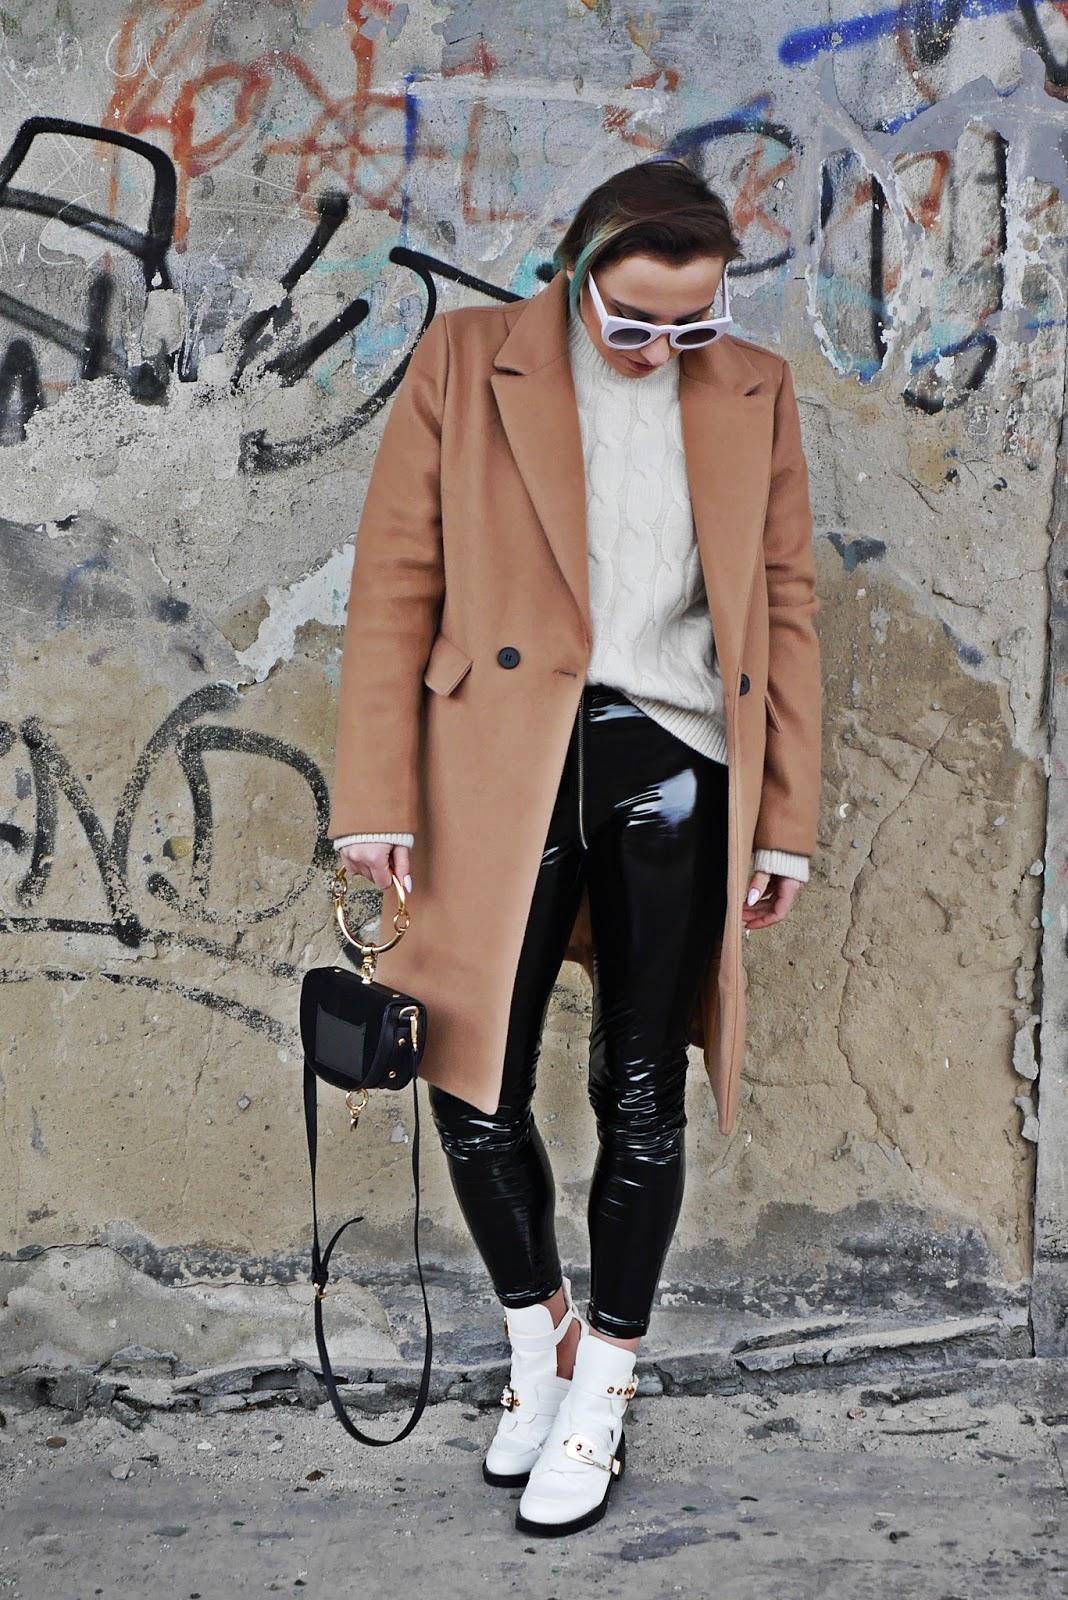 pułąwy blog modowy mlogerka modowa karyn fashion blog